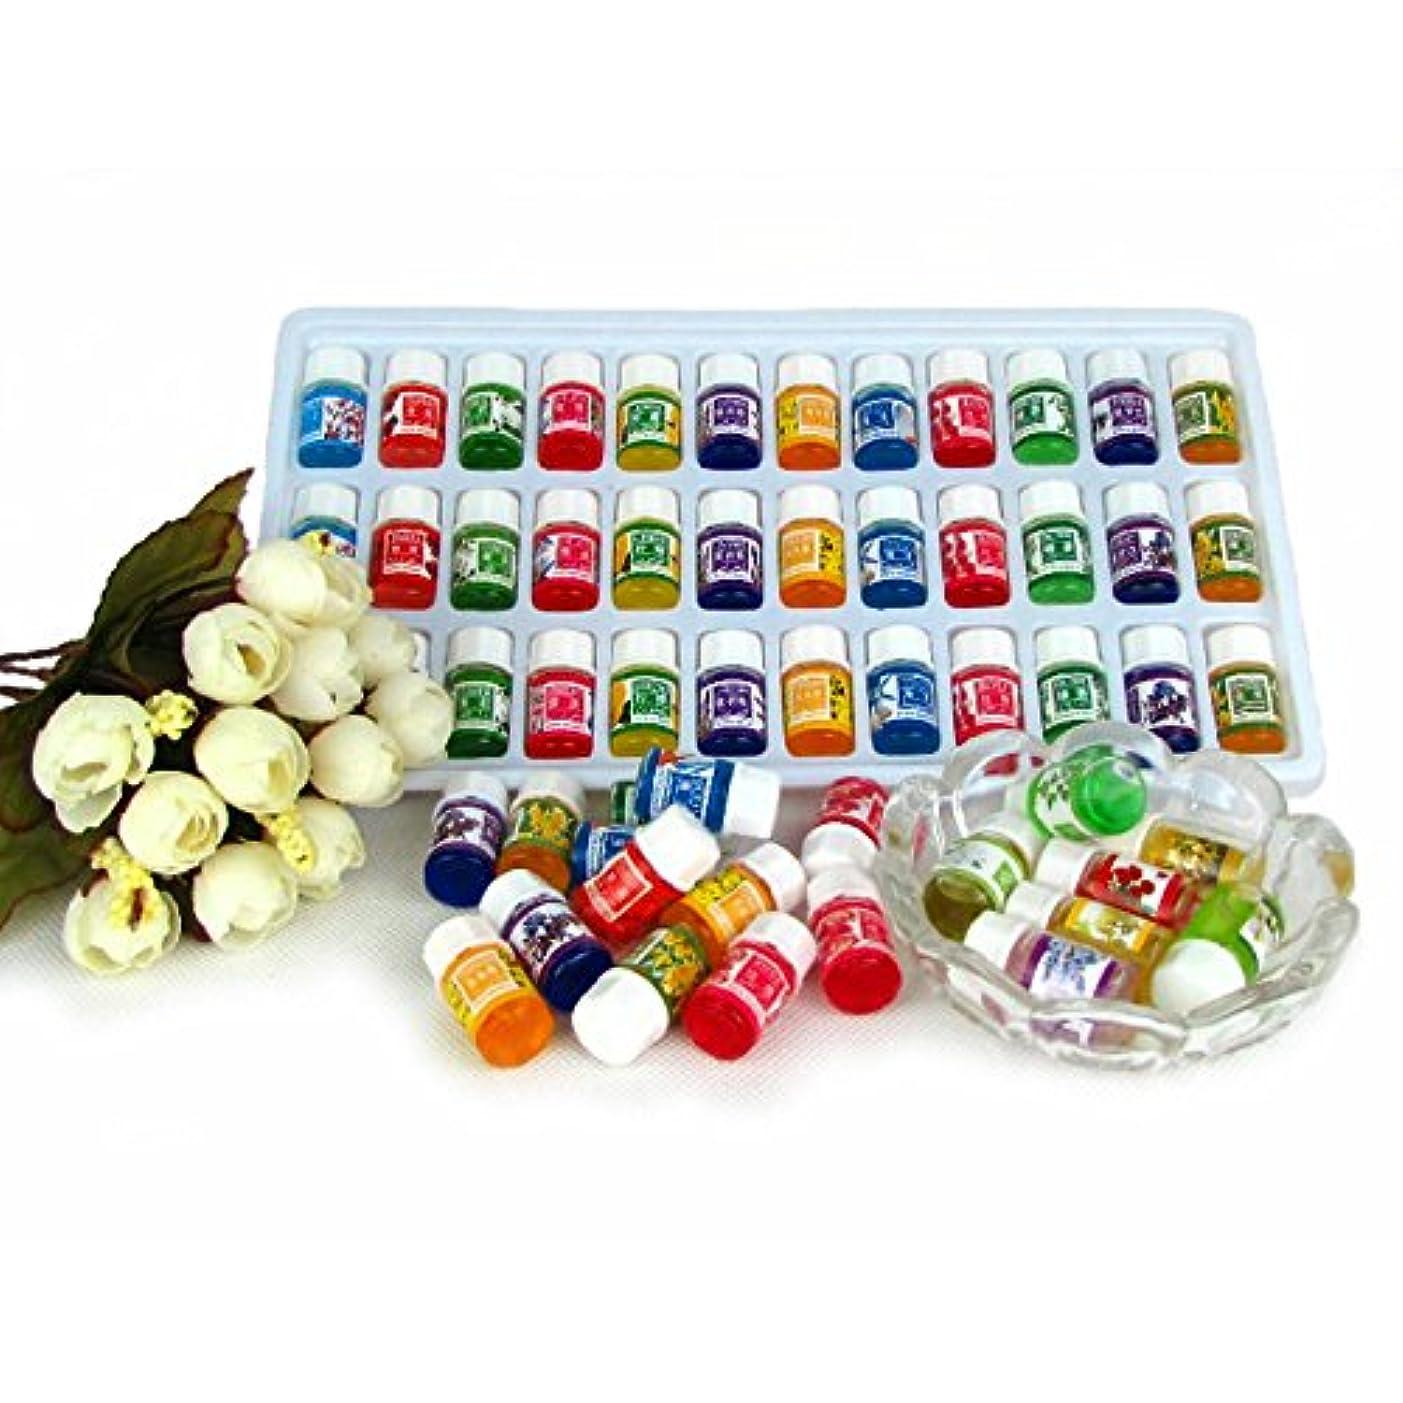 バンジージャンプ地区権威Hongch ピュアラベンダーエッセンシャルオイル 毎日パックセット ナチュラル36pcs / lot 水溶性 12種類の香り 毎日